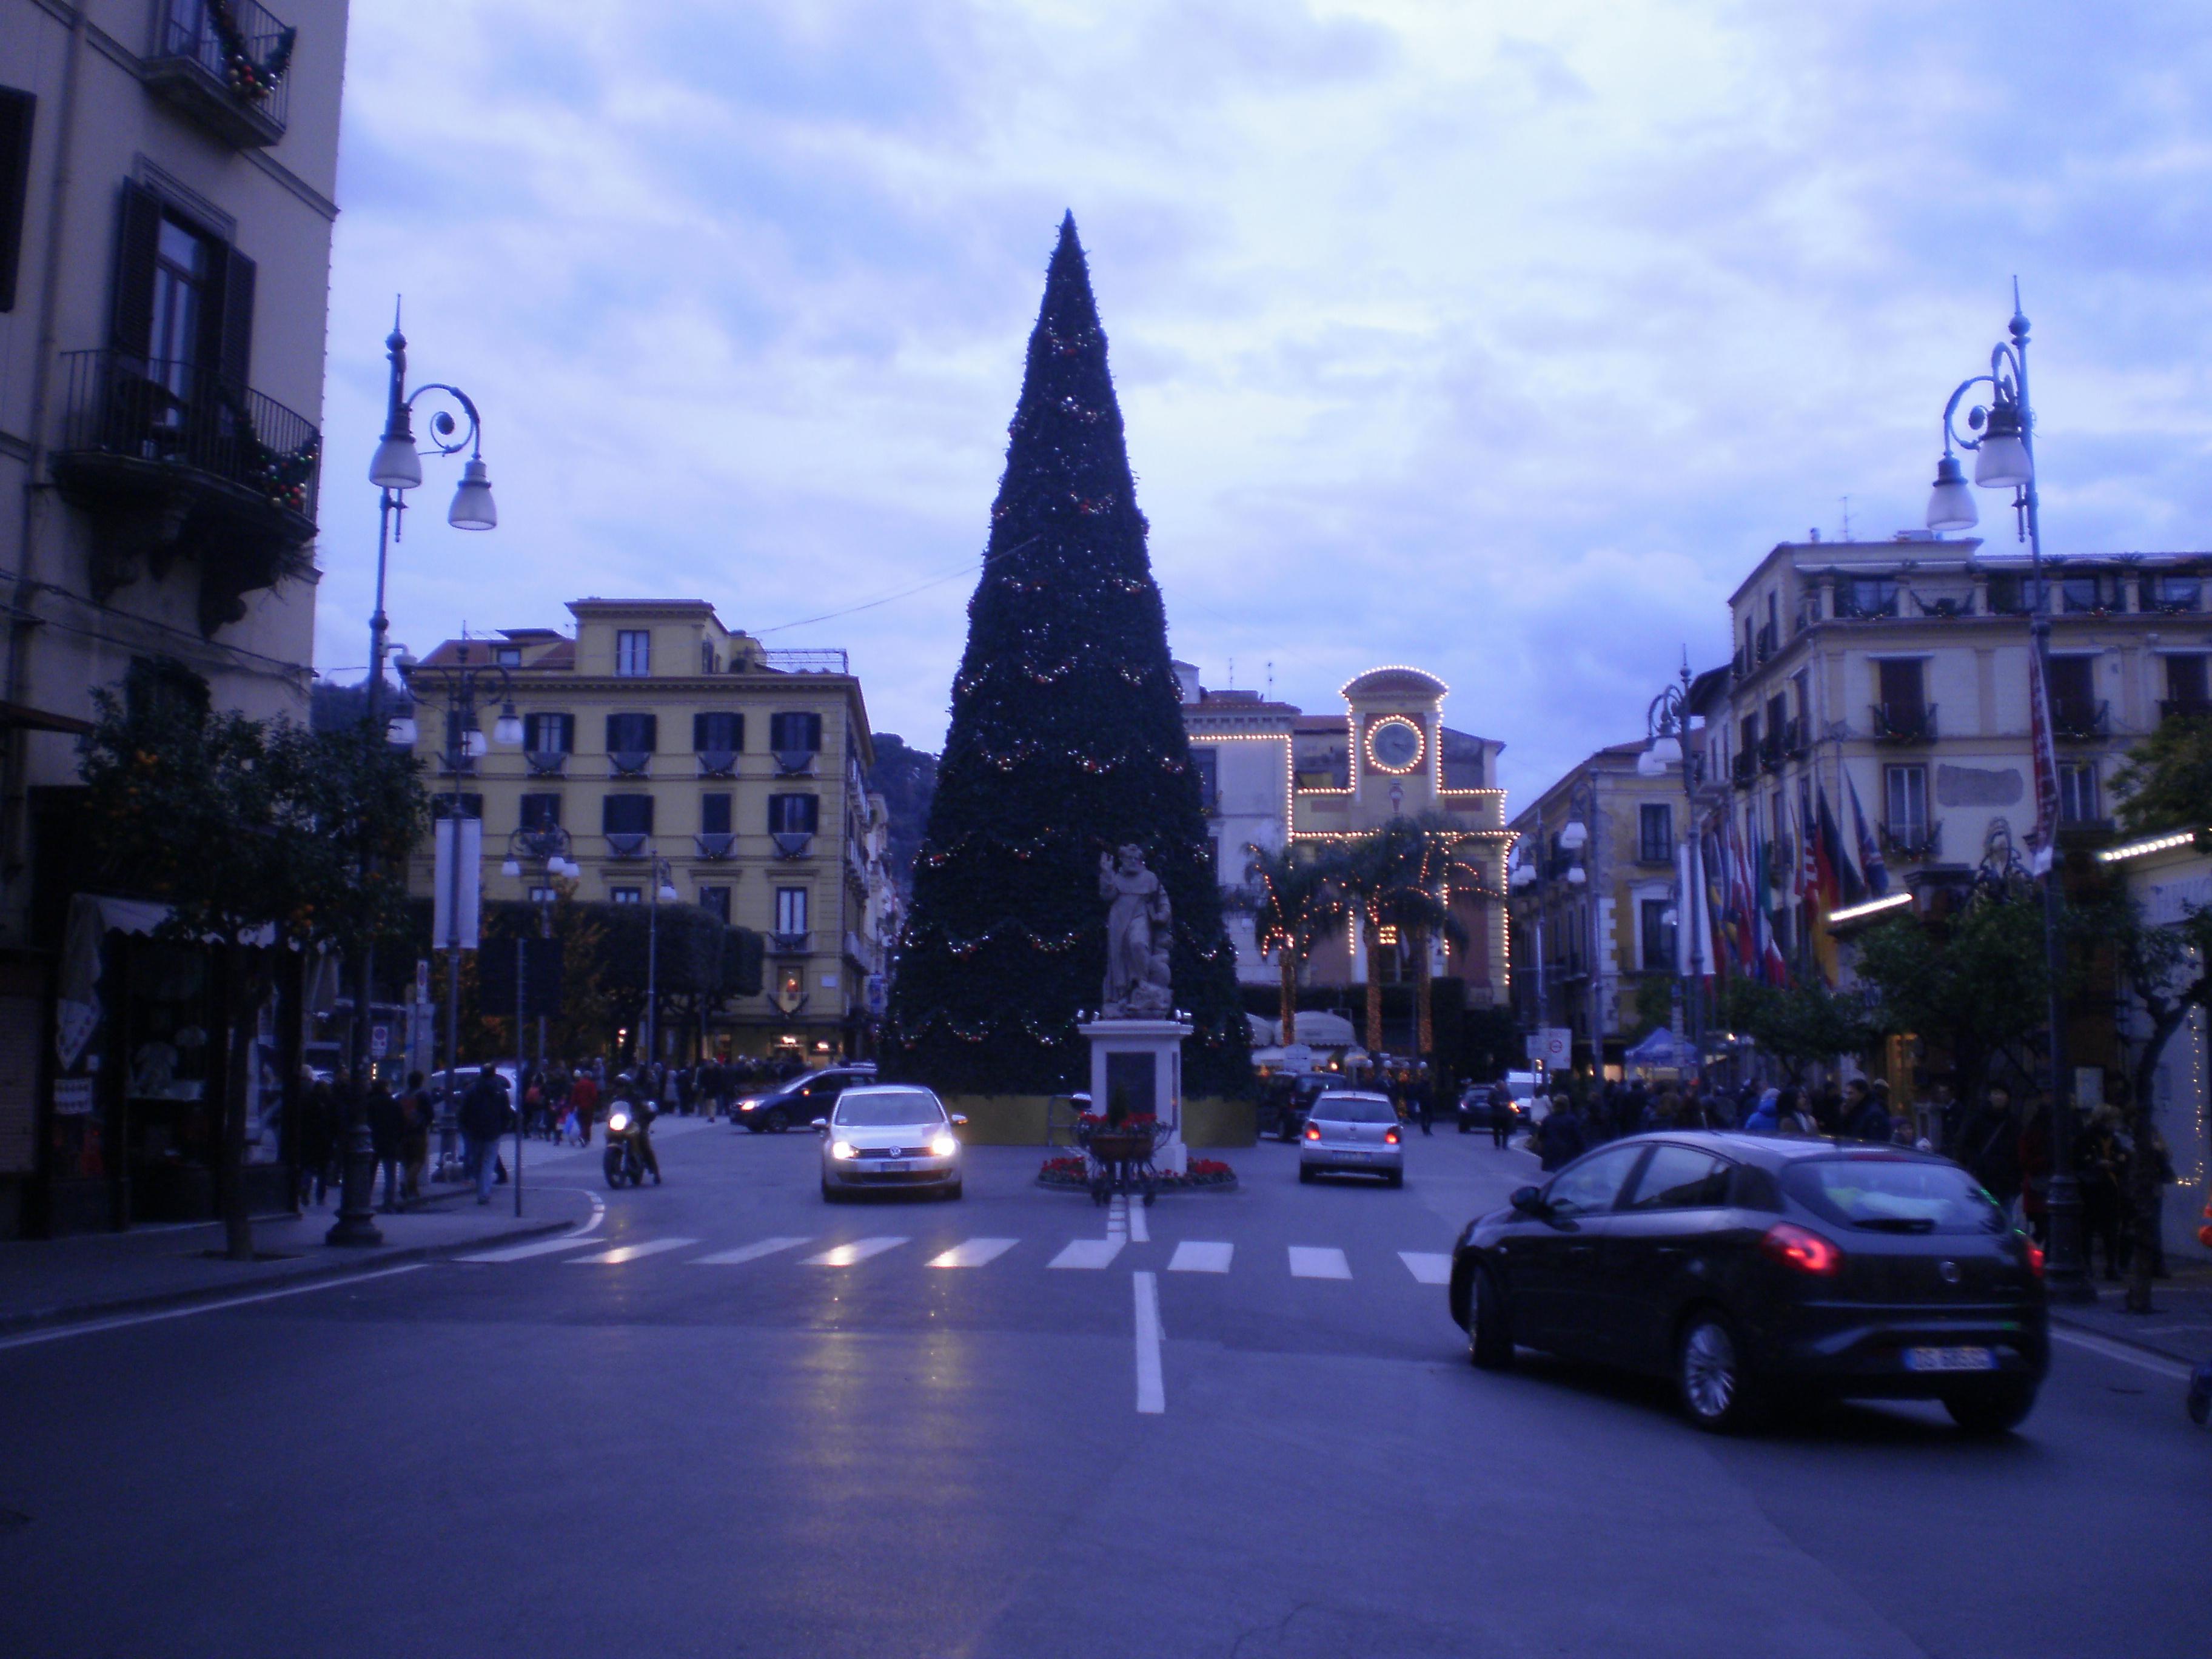 Albero in piazza Tasso a Sorrento